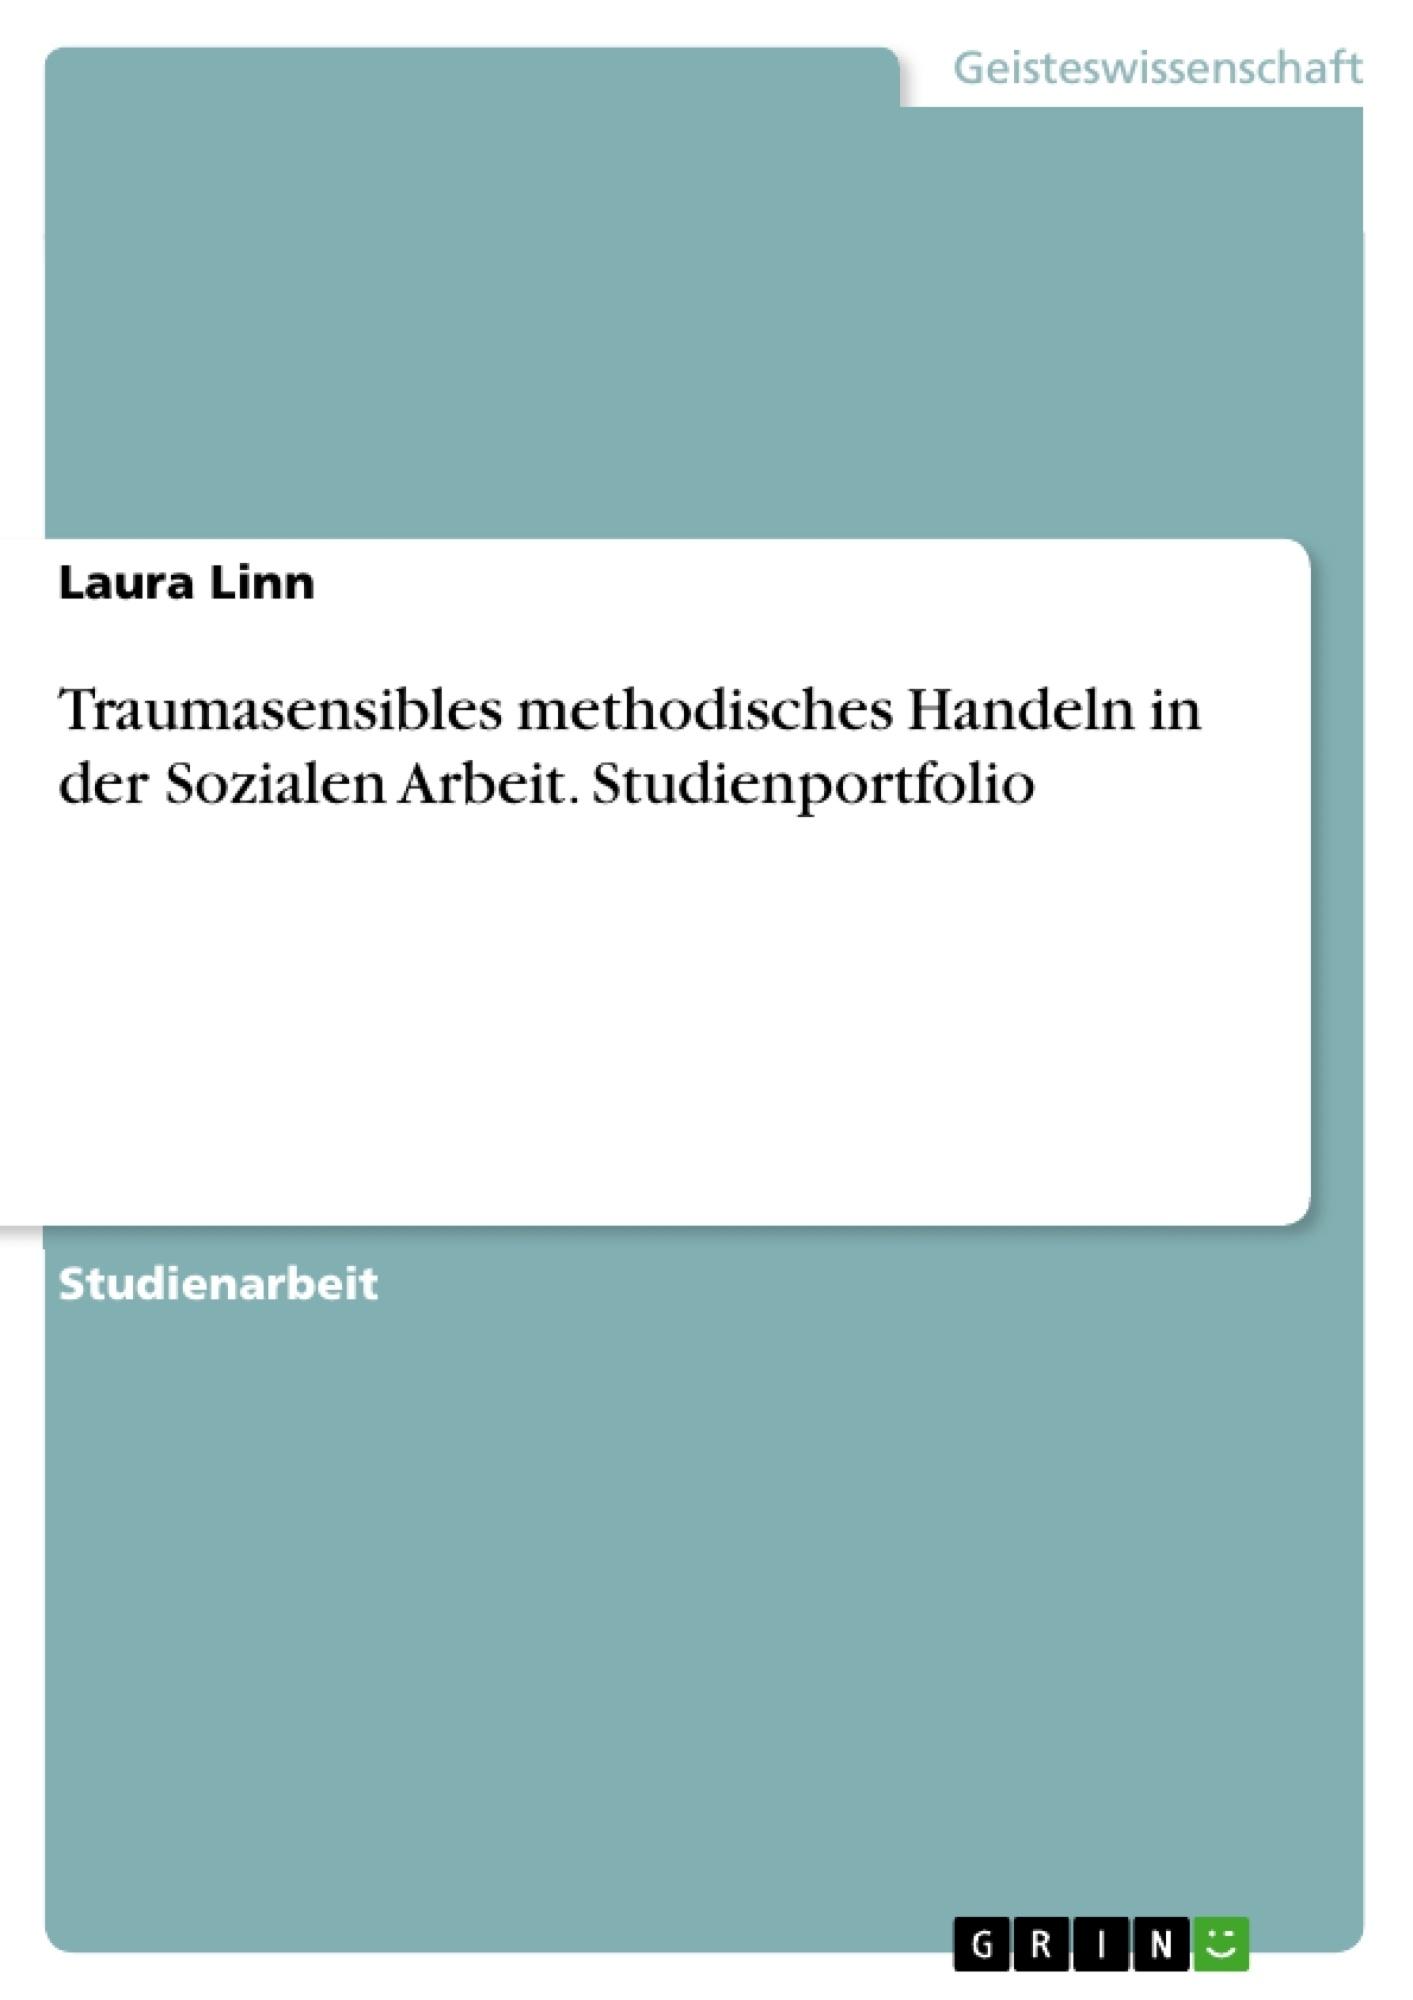 Titel: Traumasensibles methodisches Handeln in der Sozialen Arbeit. Studienportfolio